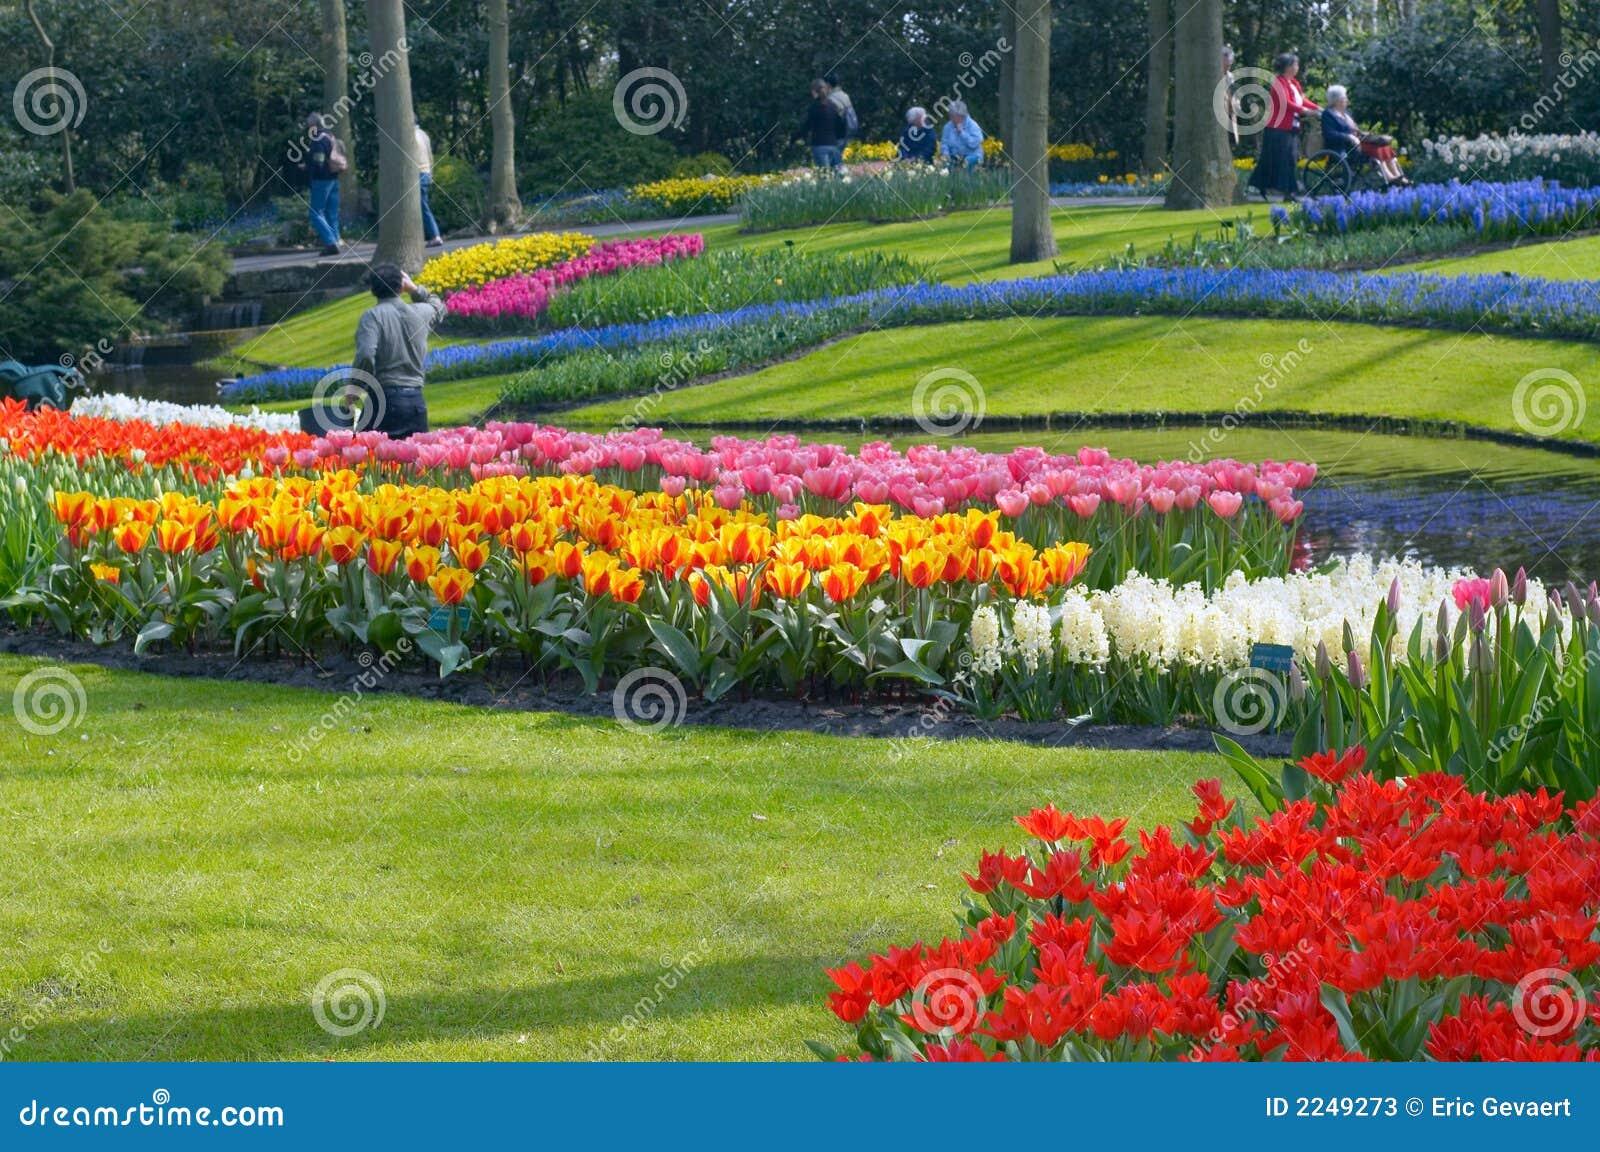 bunter blumengarten stockbild bild von frisch knospe 2249273. Black Bedroom Furniture Sets. Home Design Ideas